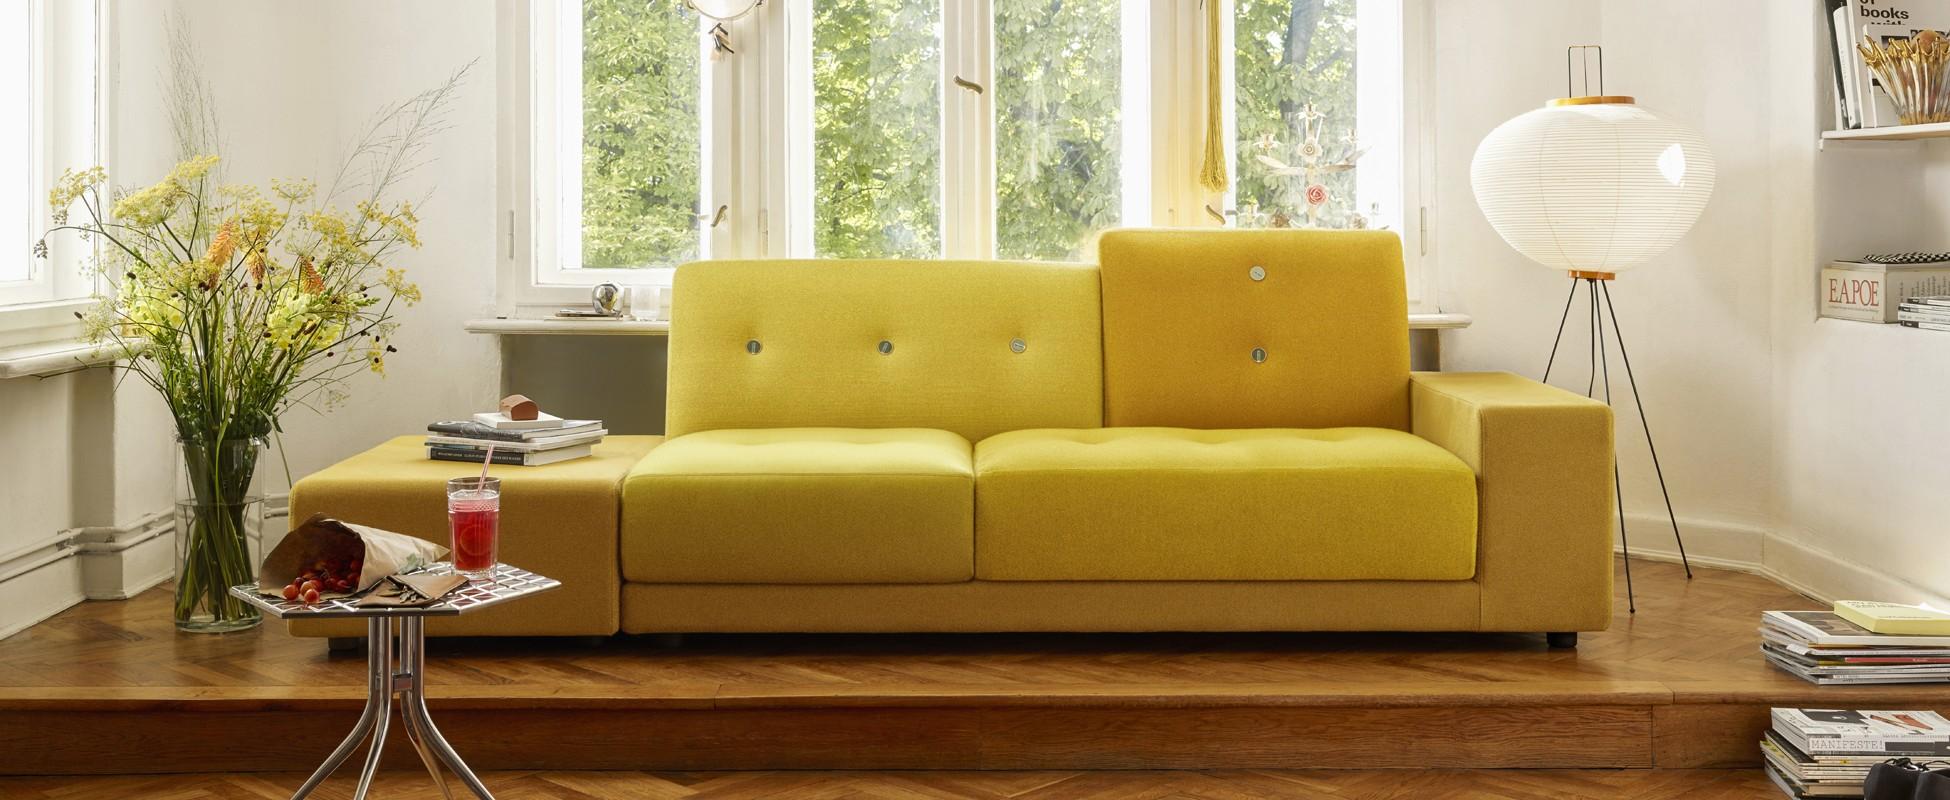 steidten einrichten mit architekturintelligenz usm moebelbausysteme vitra cassina. Black Bedroom Furniture Sets. Home Design Ideas